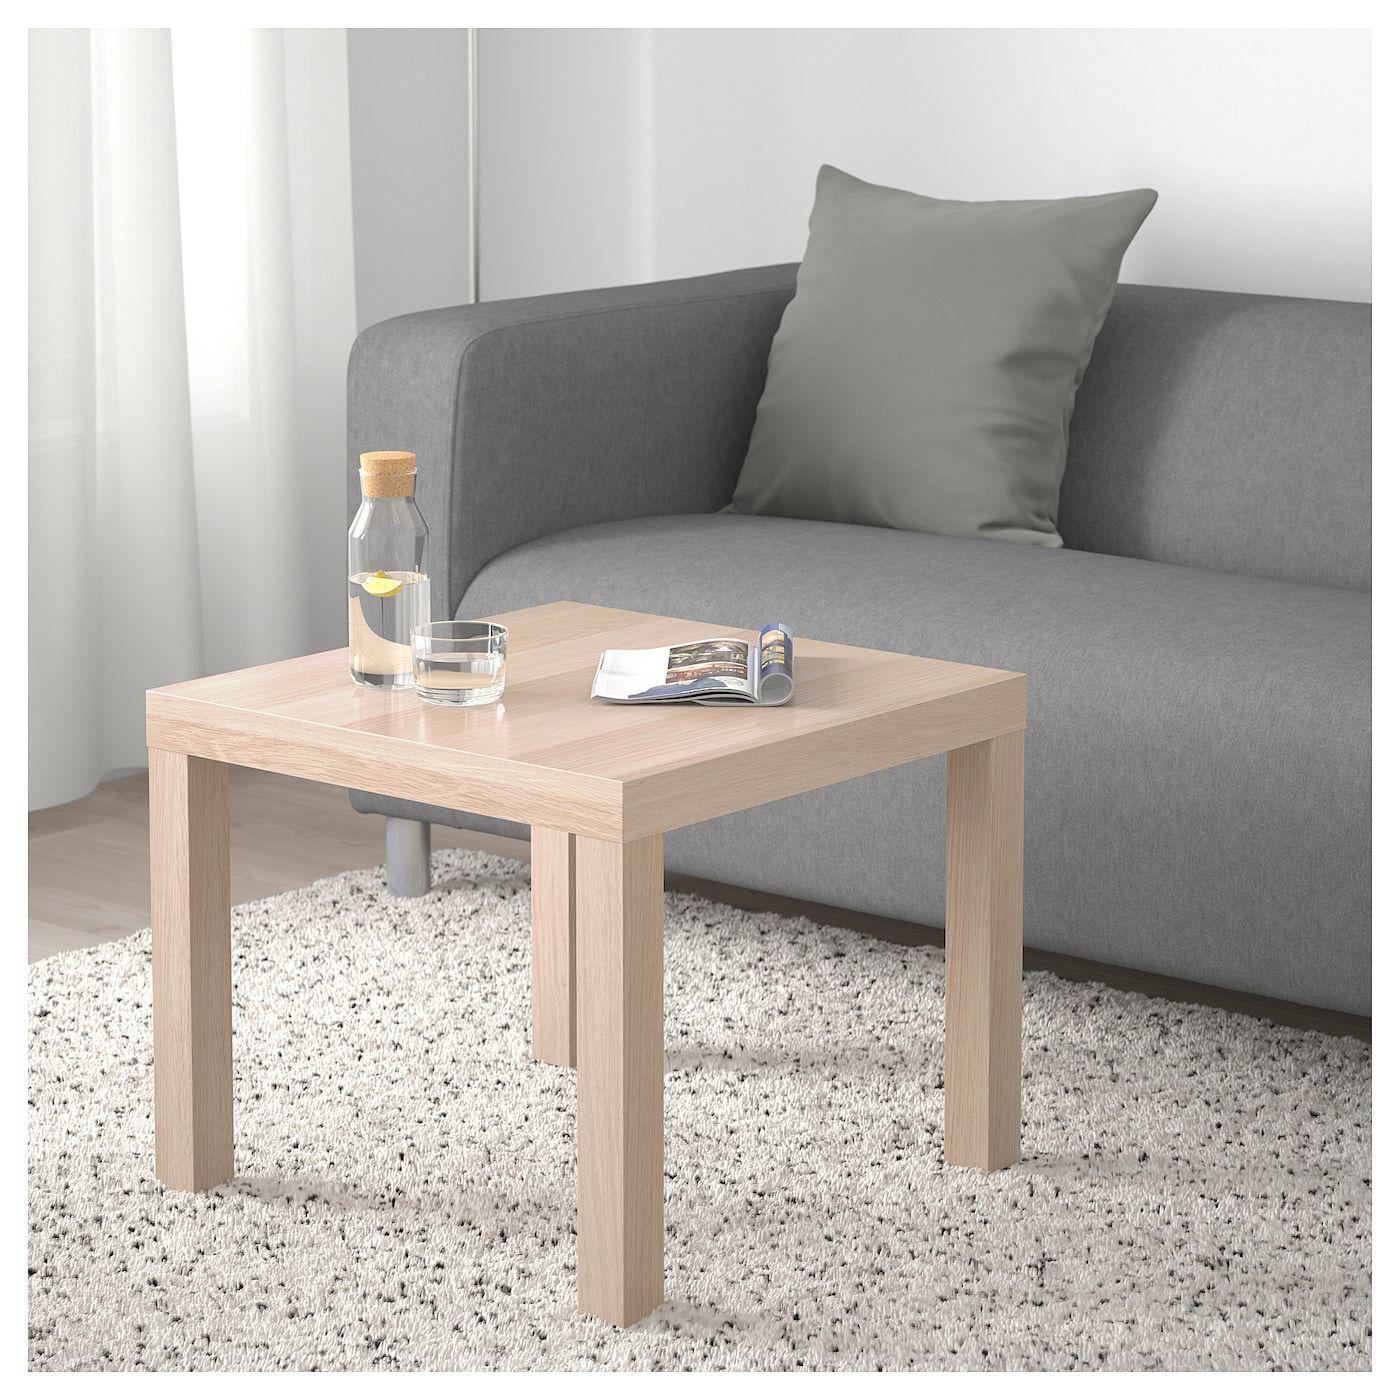 Lack Beistelltisch Eicheneff Wlas 55x55 Cm Ikea Osterreich In 2021 Ikea Lack Side Table Ikea Lack Coffee Table Ikea Side Table [ 1400 x 1400 Pixel ]